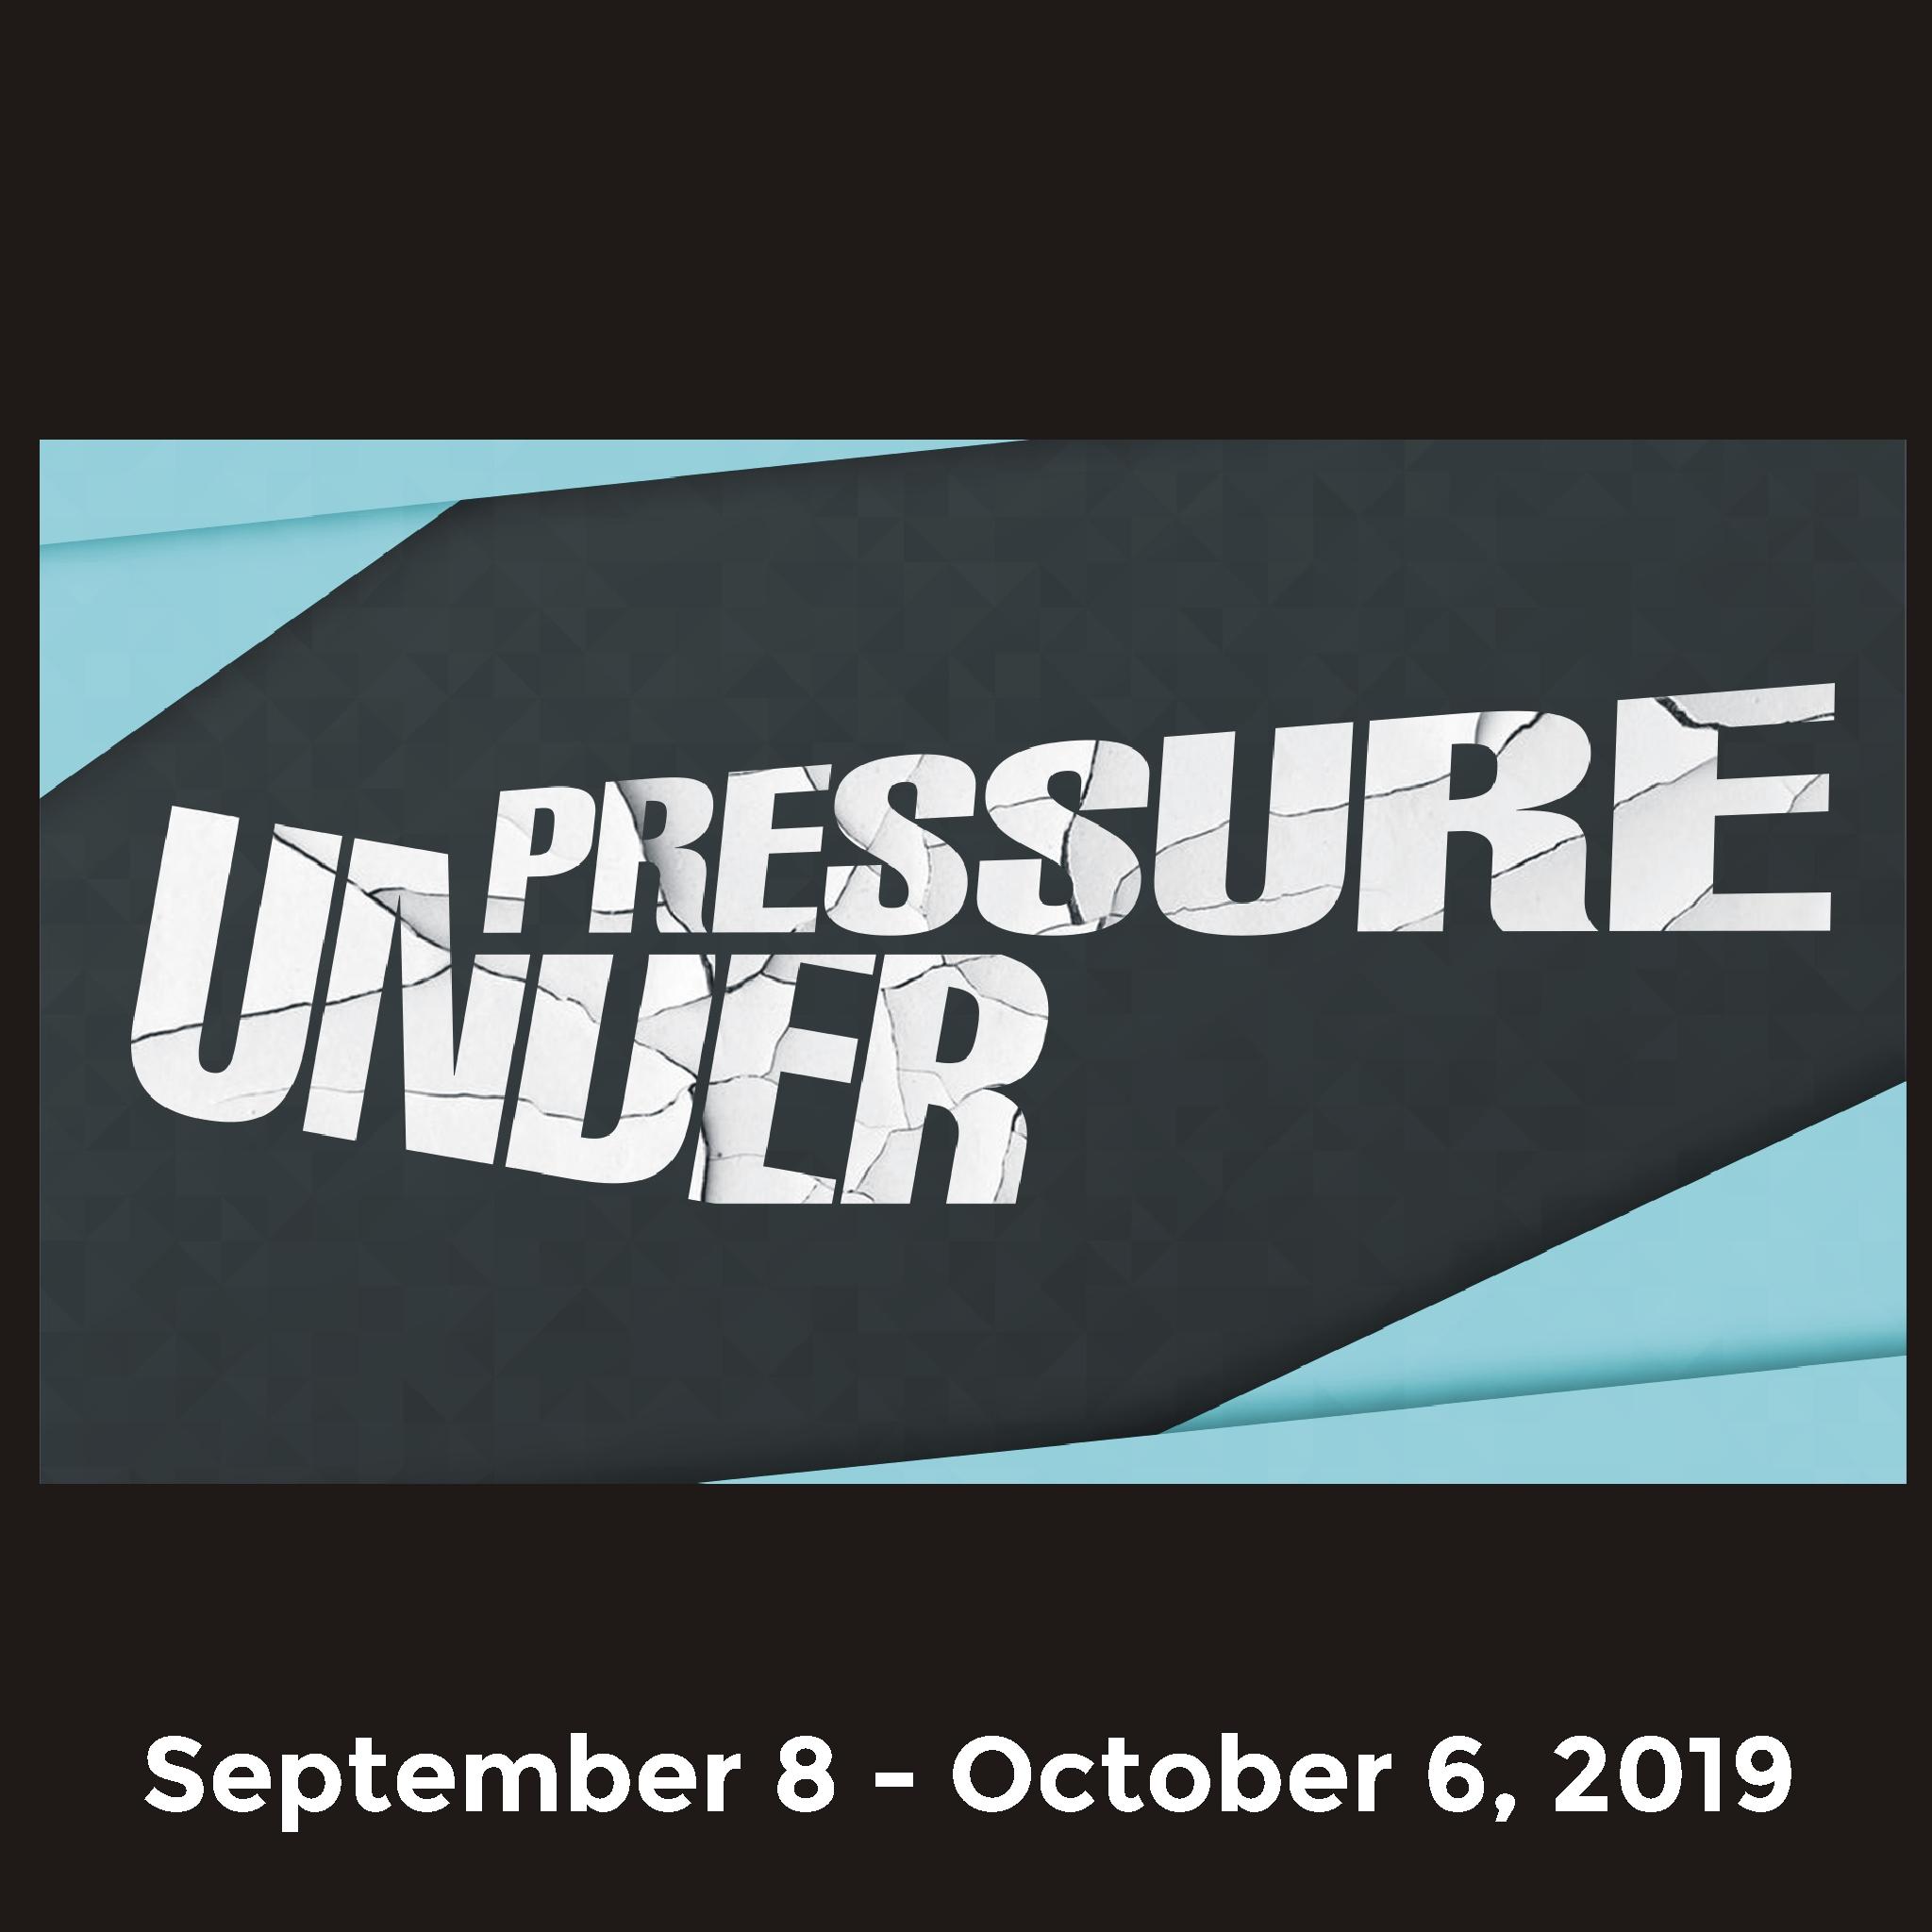 Under Pressure -